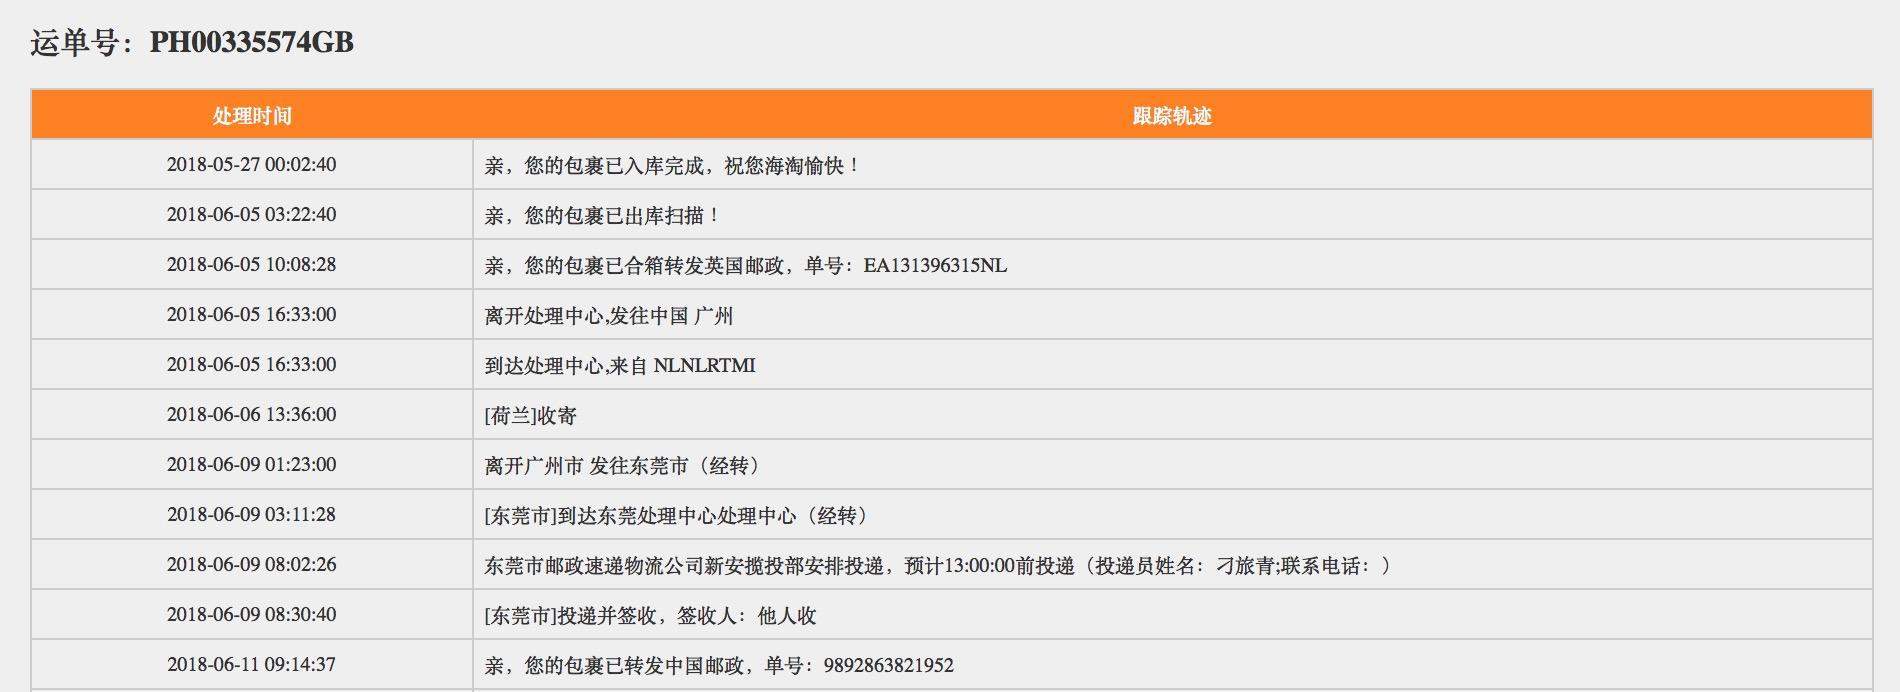 鹏华晒单:PH00335572GB 入库码:RMCL